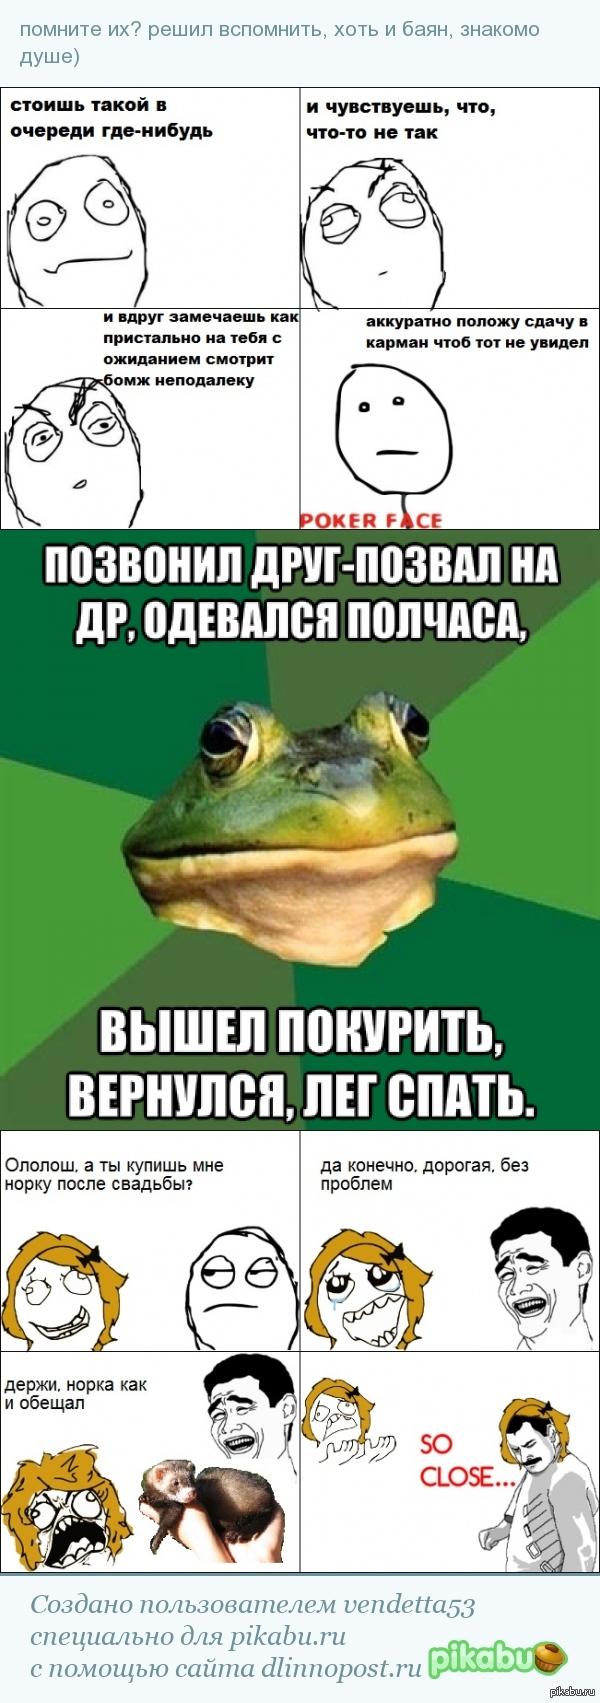 юмор из жизни мемы